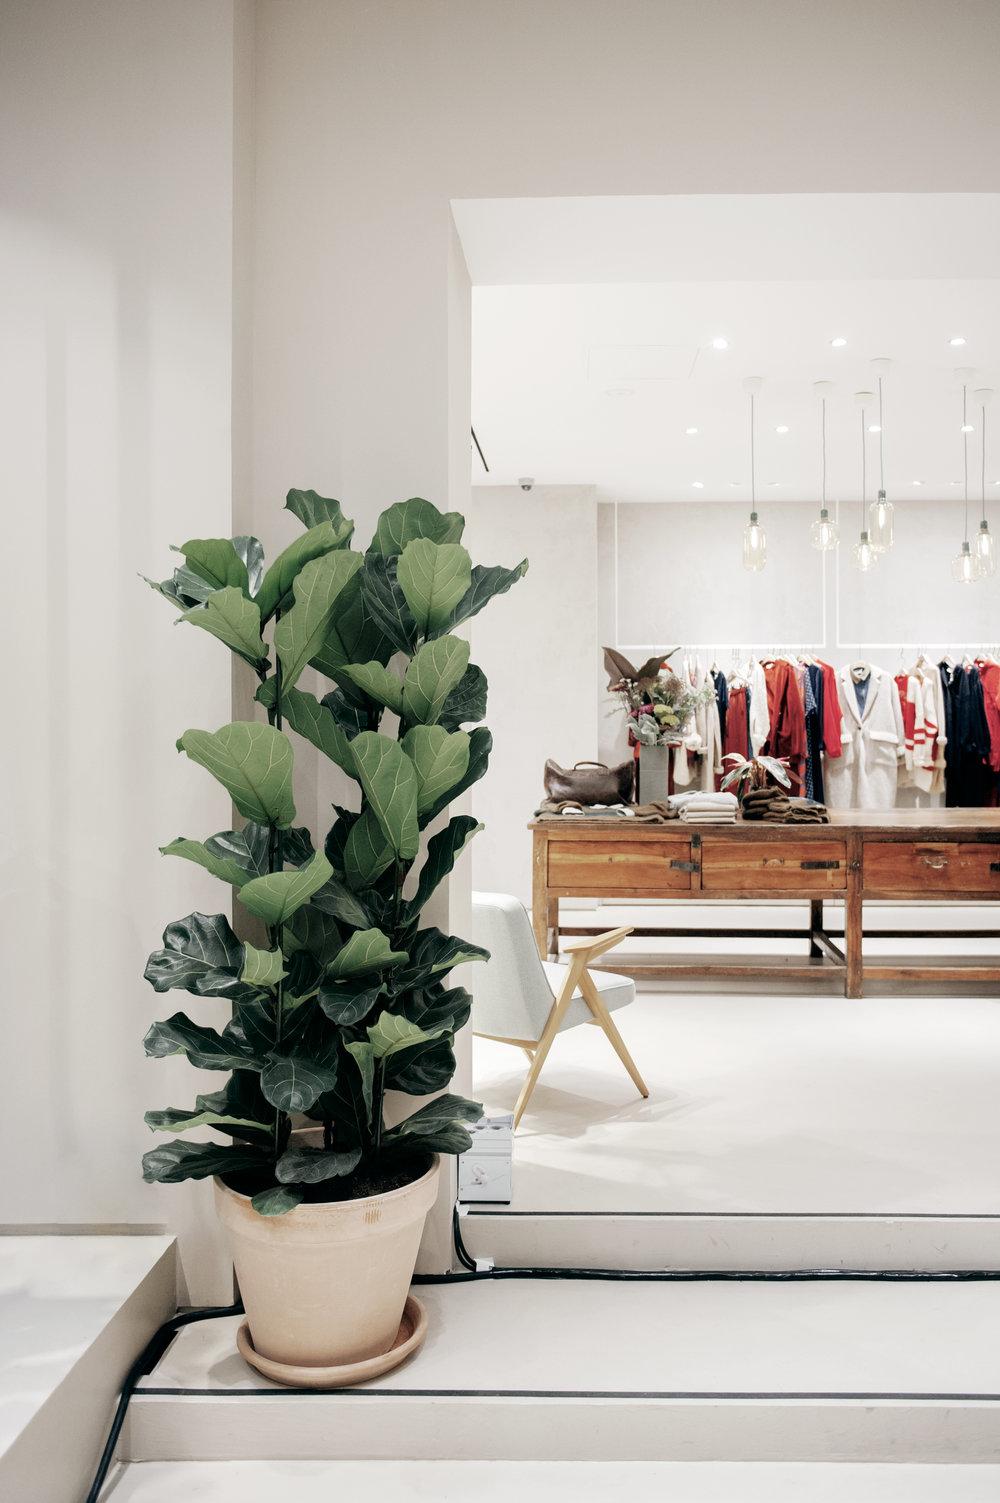 AV_Store_Antwerp_credit_Oona_SMET_8.jpg